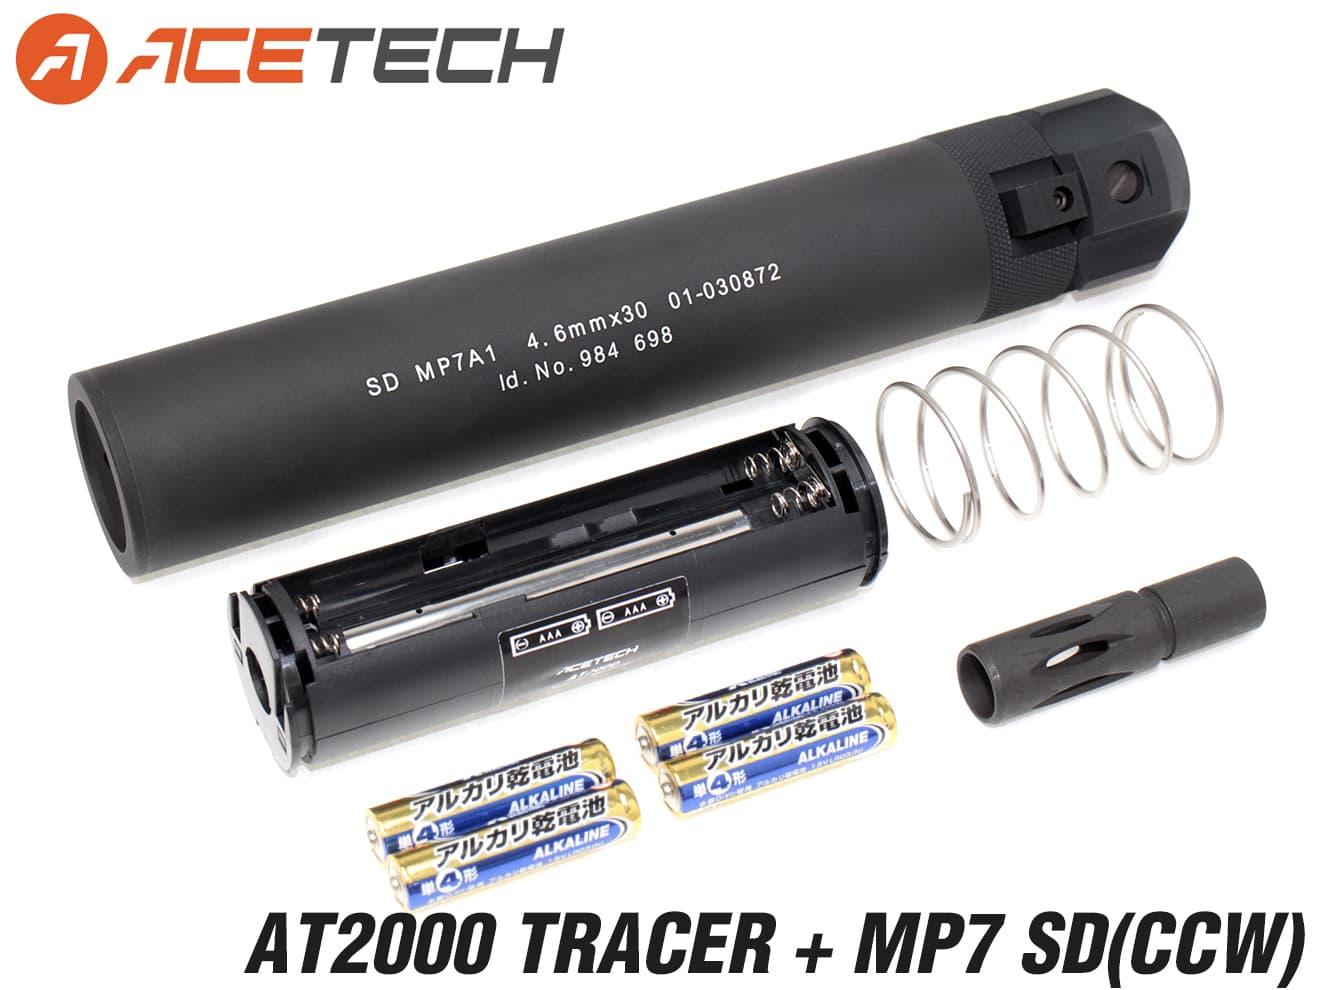 [電池付き] 90日保証&日本語取説付 ACETECH AT2000 フルオートトレーサー w/ MP7タイプ サイレンサー(マルイ)◆12mm逆ネジ対応 夜戦に